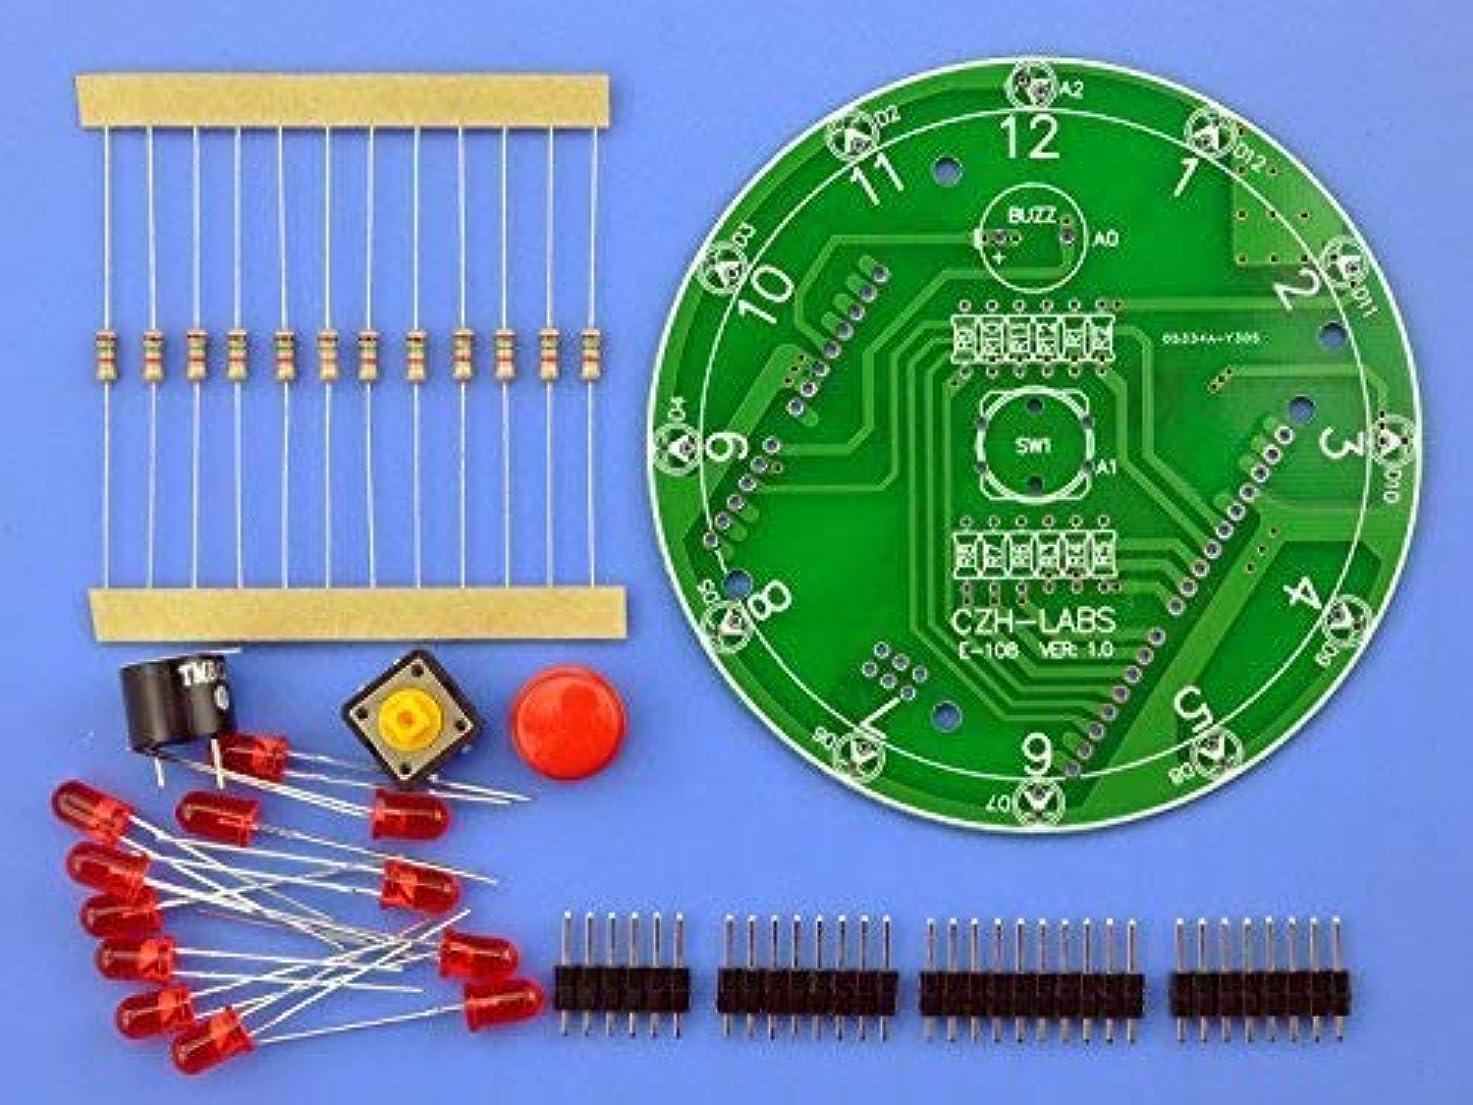 家庭教師高価な是正するCZH-LABS elecronics-サロン12位 Arduino UNO R3用 電子ラッキーロータリーボードキット主導しました